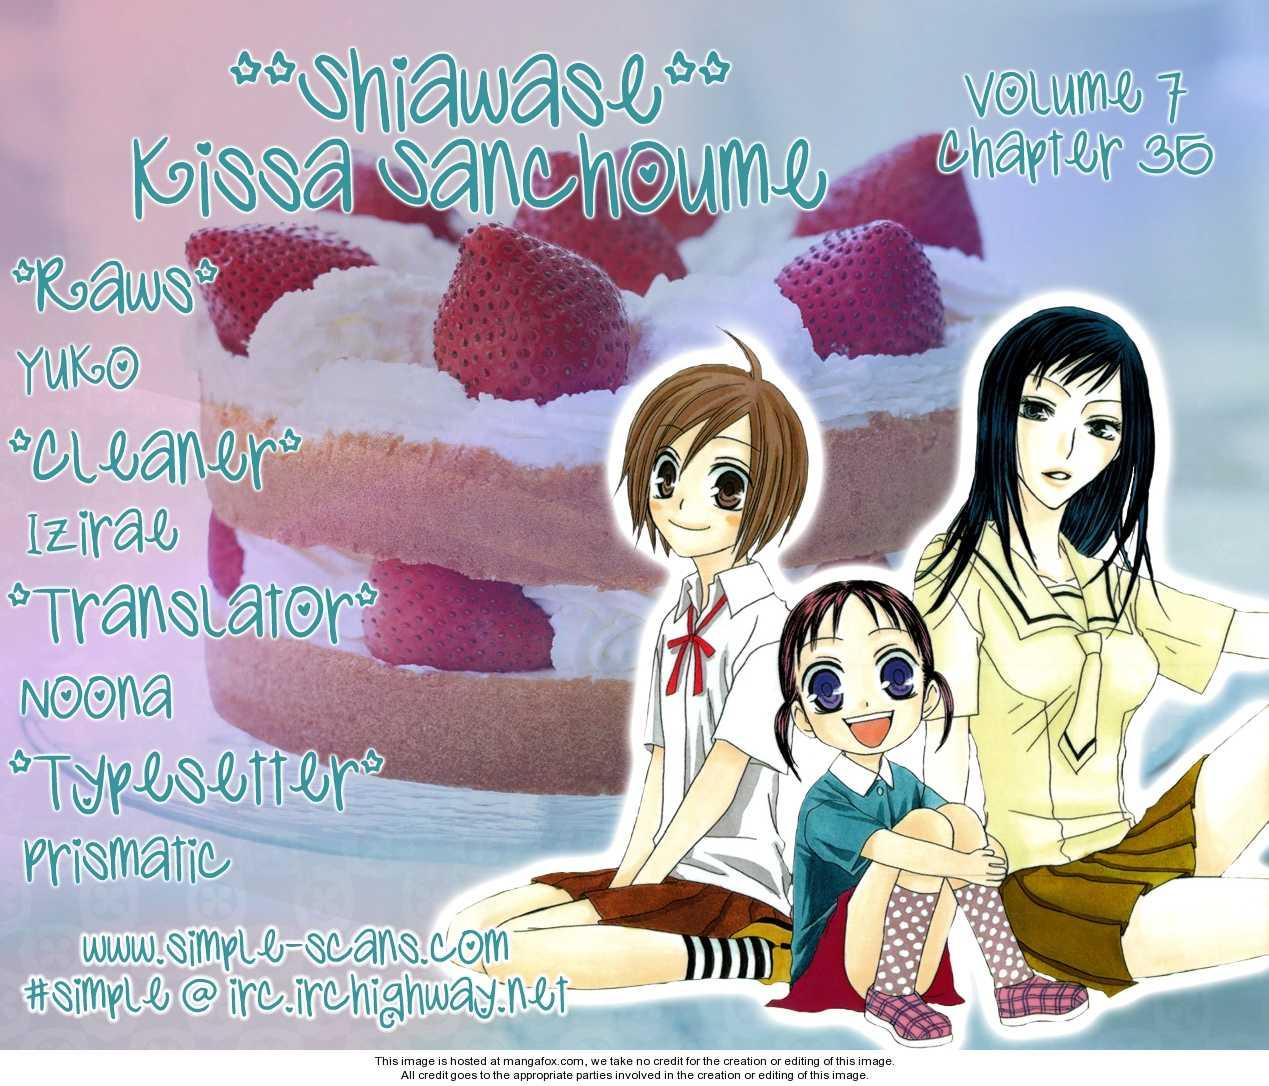 Shiawase Kissa Sanchoume 35 Page 1